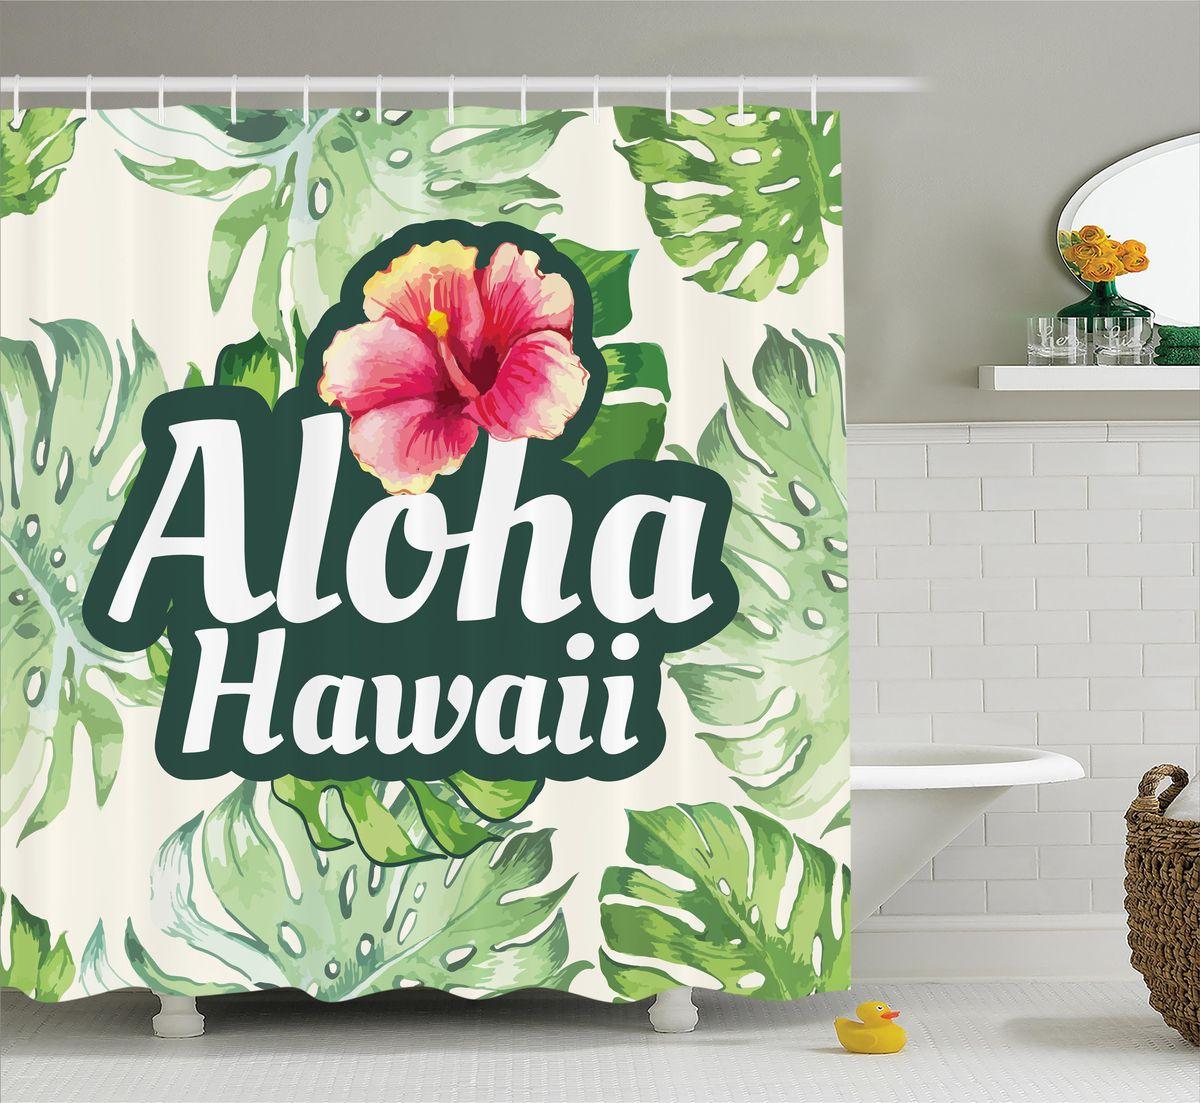 Штора для ванной комнаты Magic Lady Aloha. Hawaii, 180 х 200 смшв_12274Штора Magic Lady Aloha. Hawaii, изготовленная из высококачественного сатена (полиэстер 100%), отлично дополнит любой интерьер ванной комнаты. При изготовлении используются специальные гипоаллергенные чернила для прямой печати по ткани, безопасные для человека.В комплекте: 1 штора, 12 крючков. Обращаем ваше внимание, фактический цвет изделия может незначительно отличаться от представленного на фото.